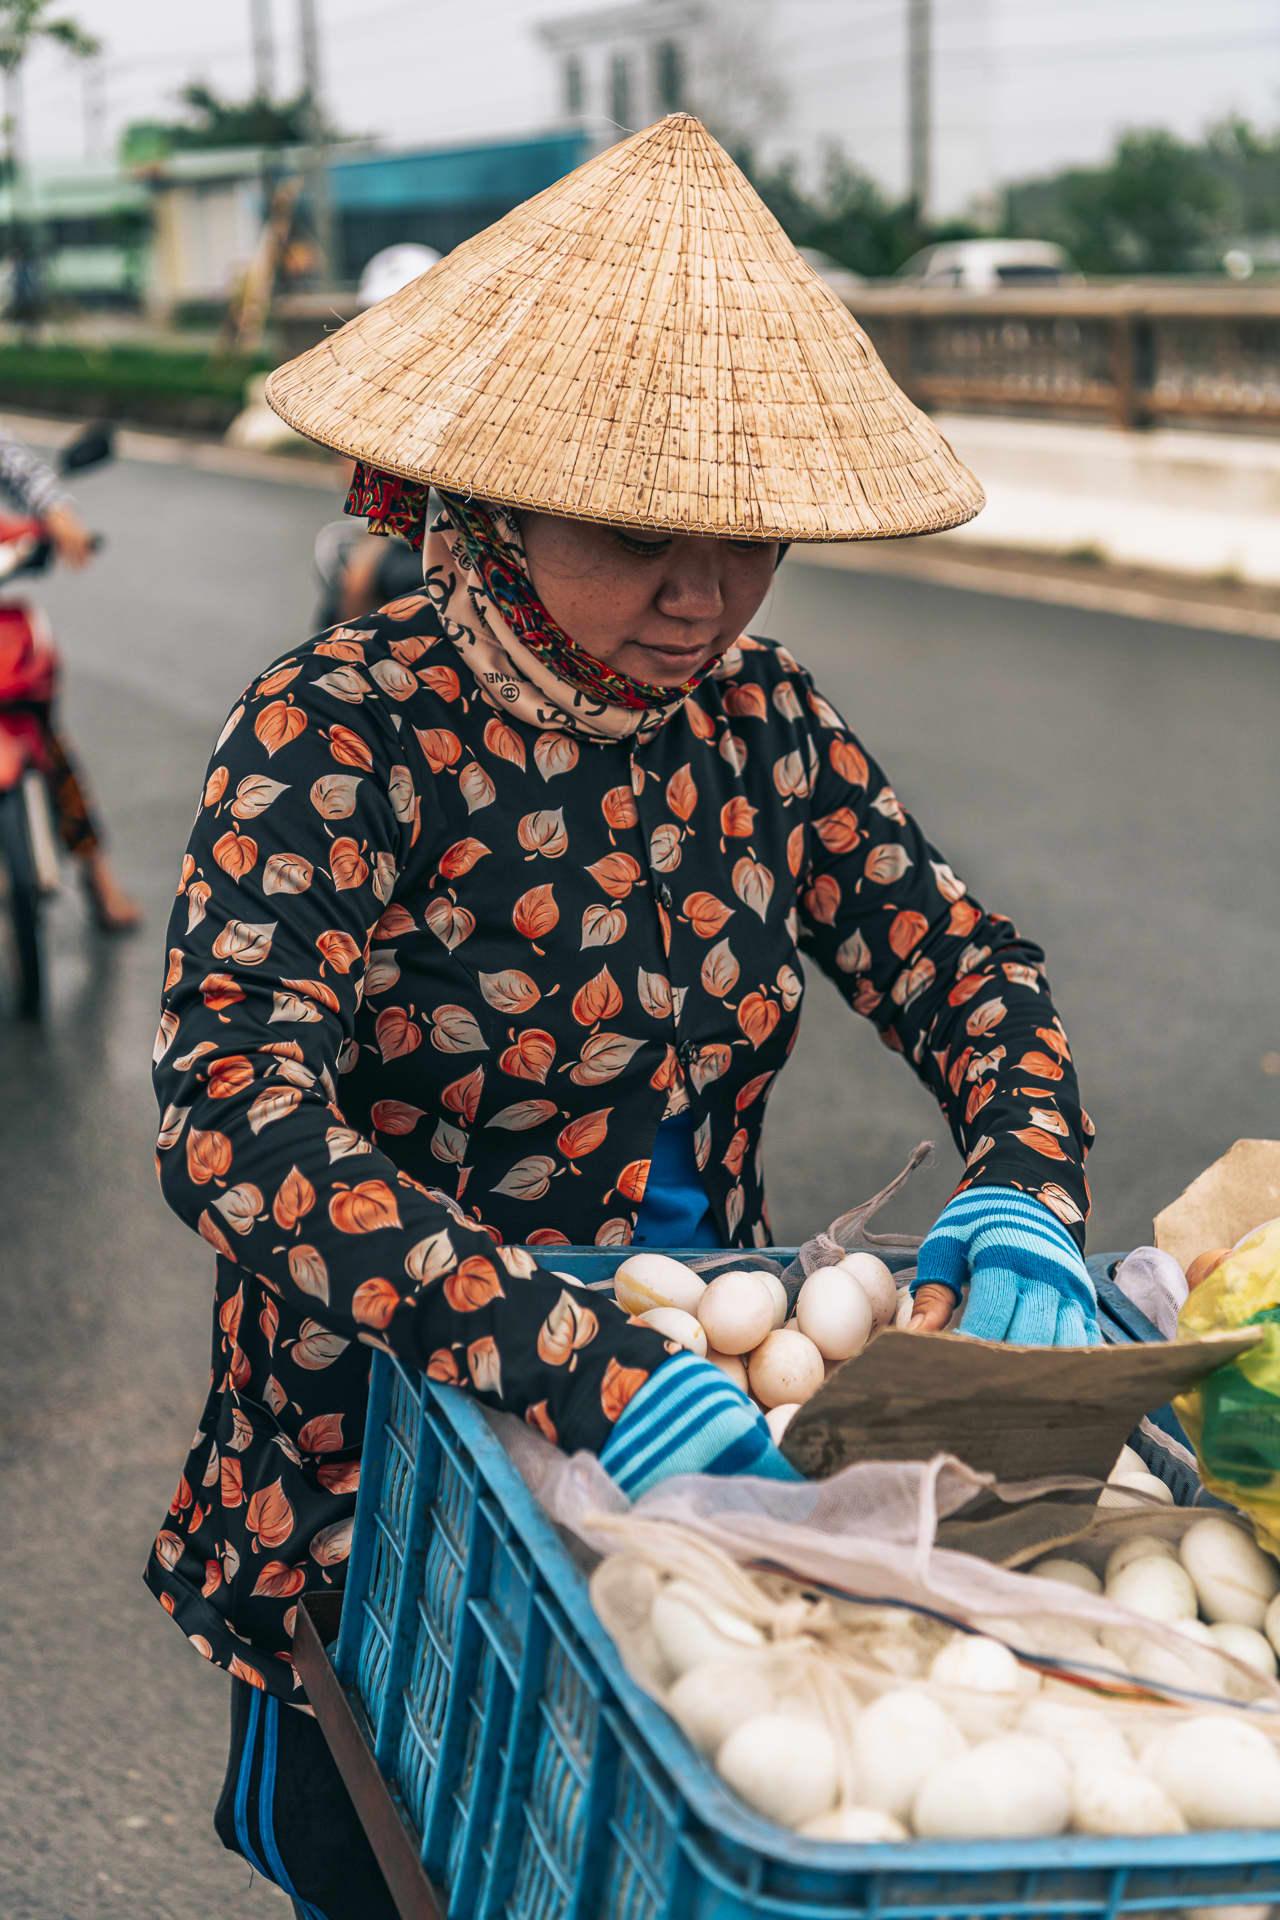 A Vietnamese woman selling fresh eggs at the Cau Sau market.